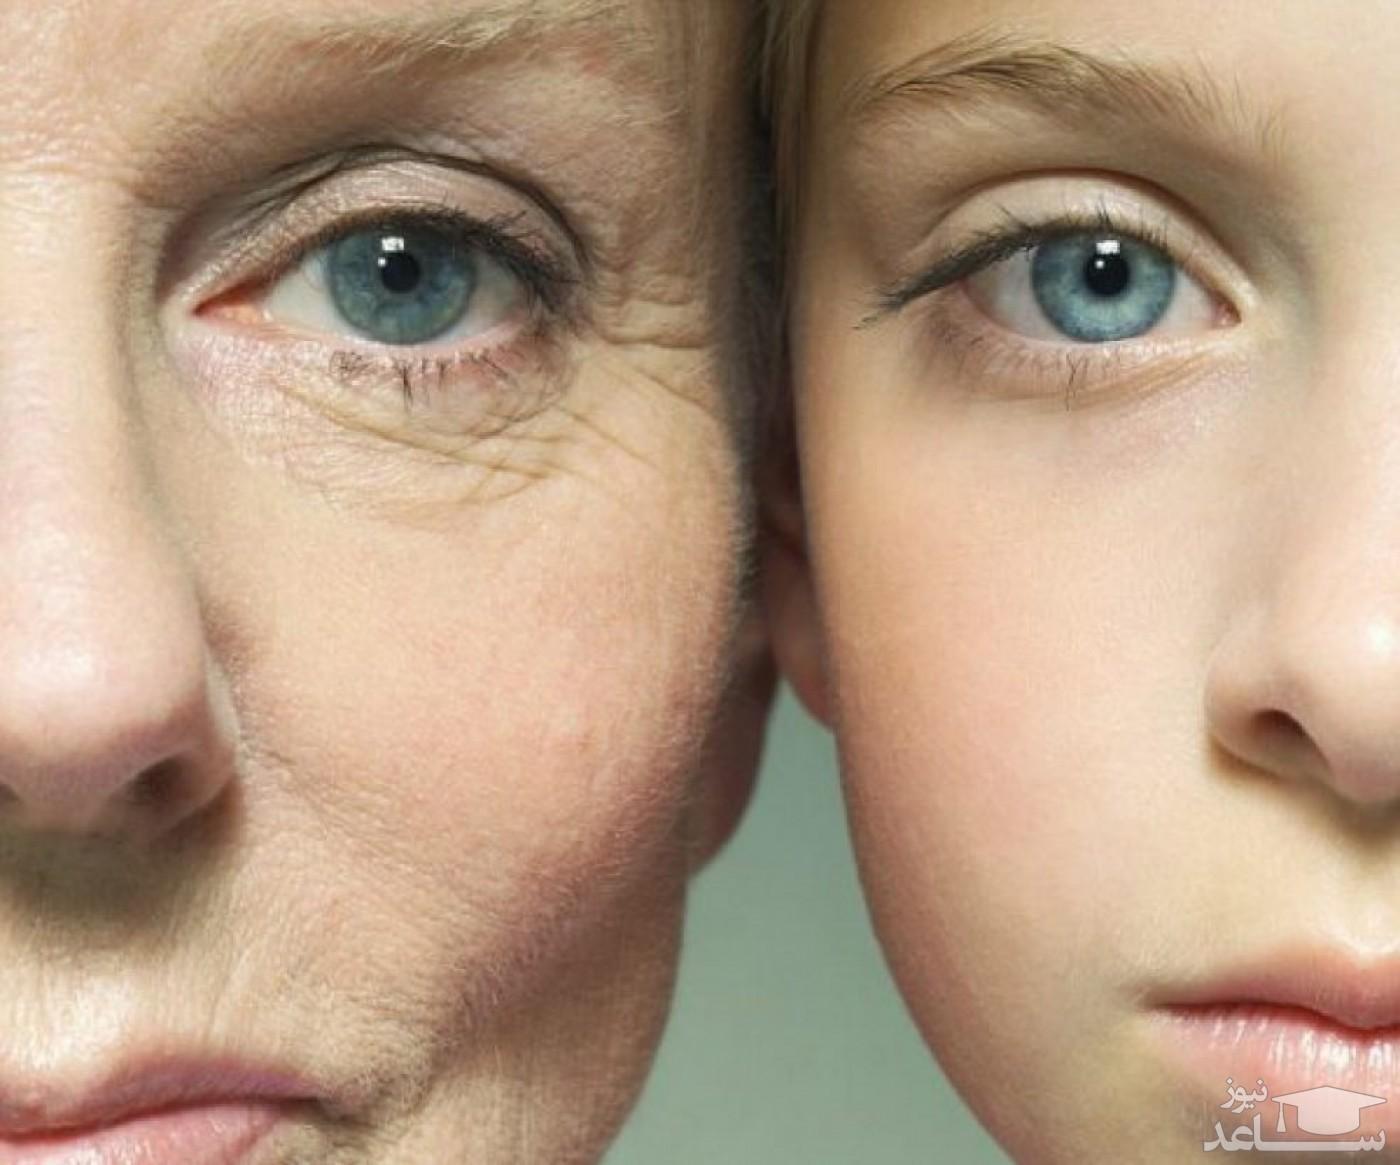 دیدن پیری (پیر شدن) در خواب چه تعبیری دارد؟ / تعبیر خواب پیری( پیر شدن)